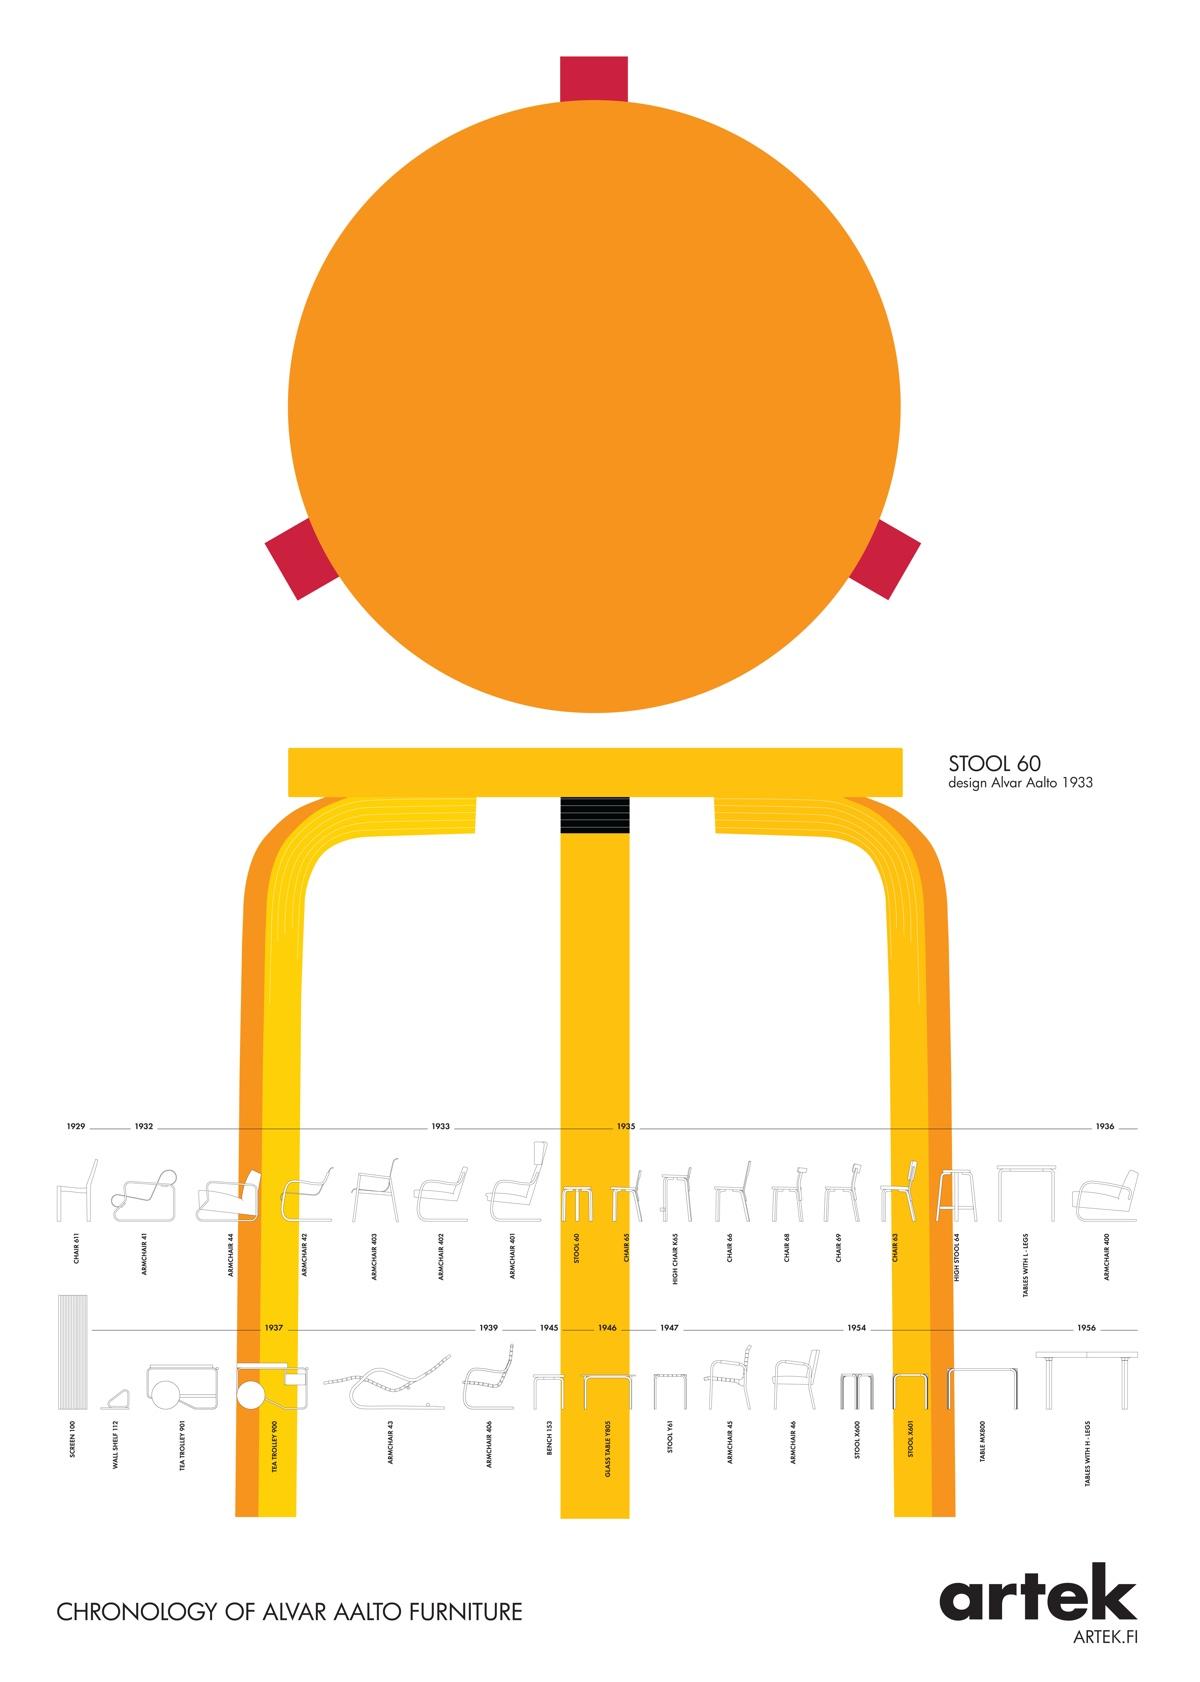 Artek Stool 60 poster: Chronology of Alvar Aalto Furniture.